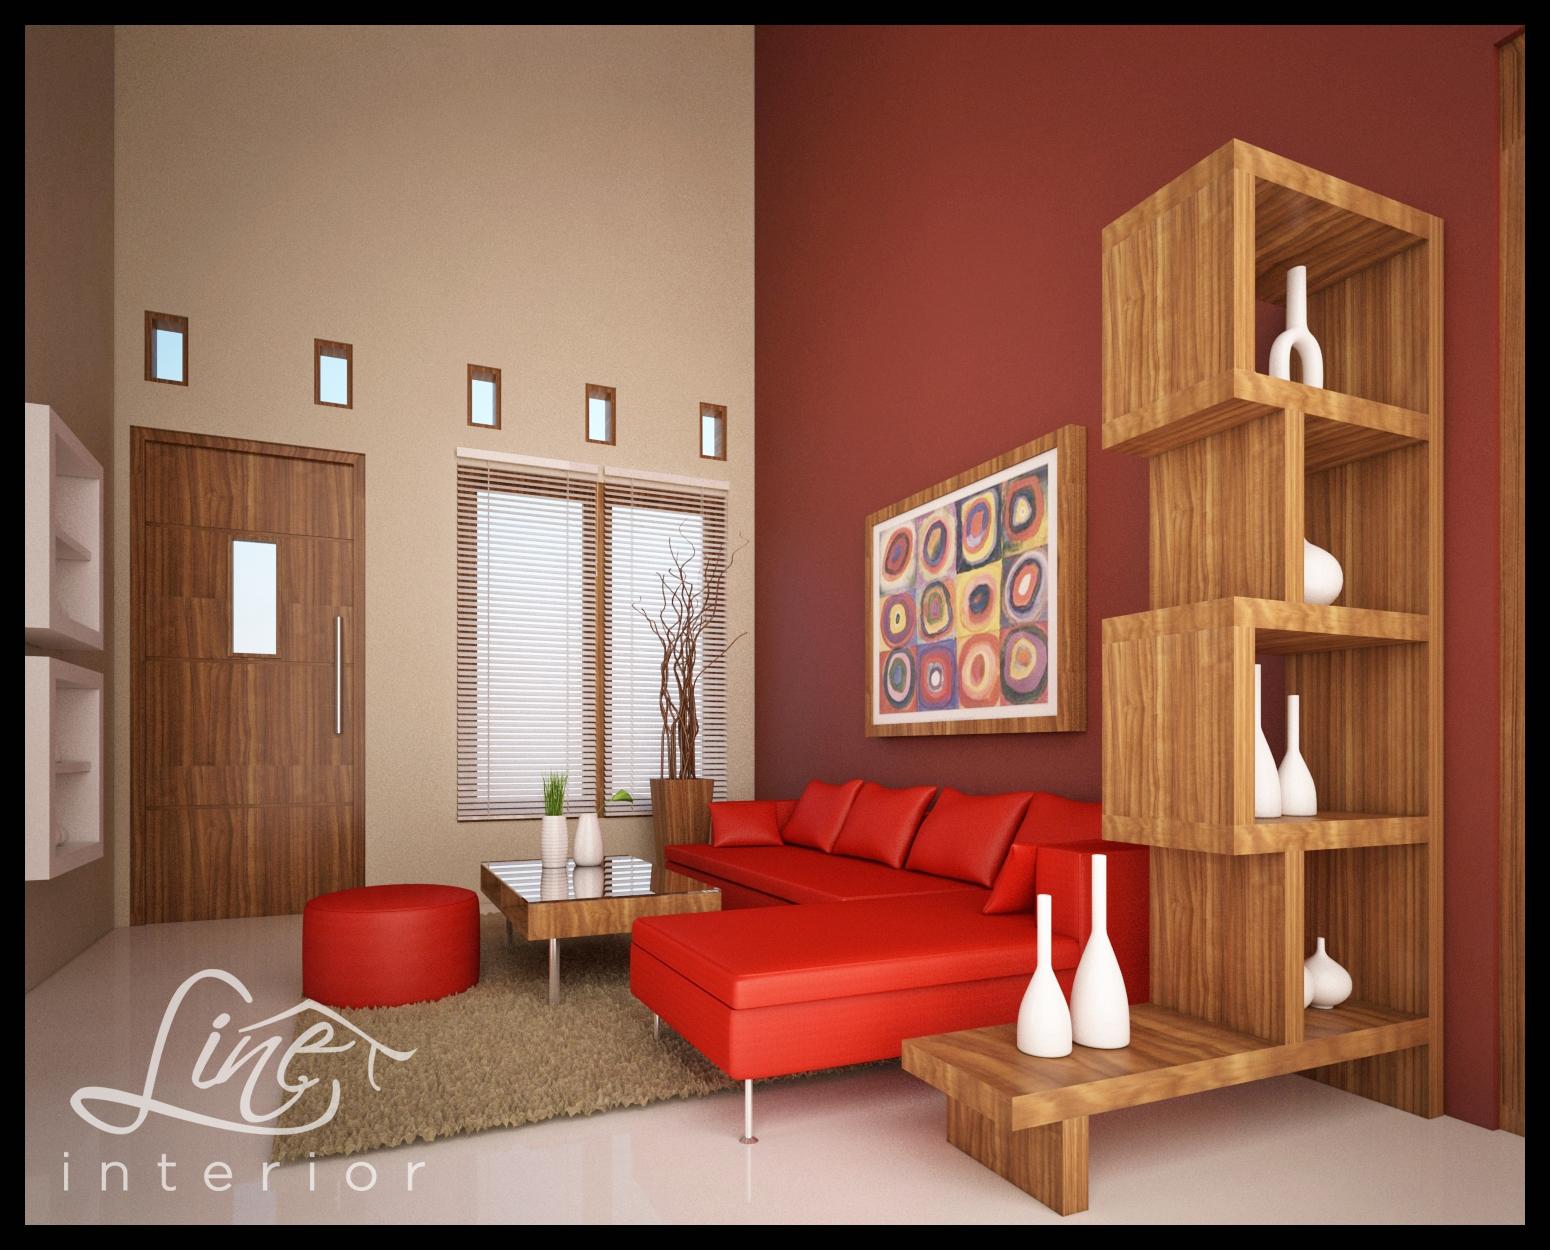 Cara Menata Atau Mendekorasi Ruang Tamu Dengan Bentuk Sempit Yang Memanjang Agar Terlihat Cantik